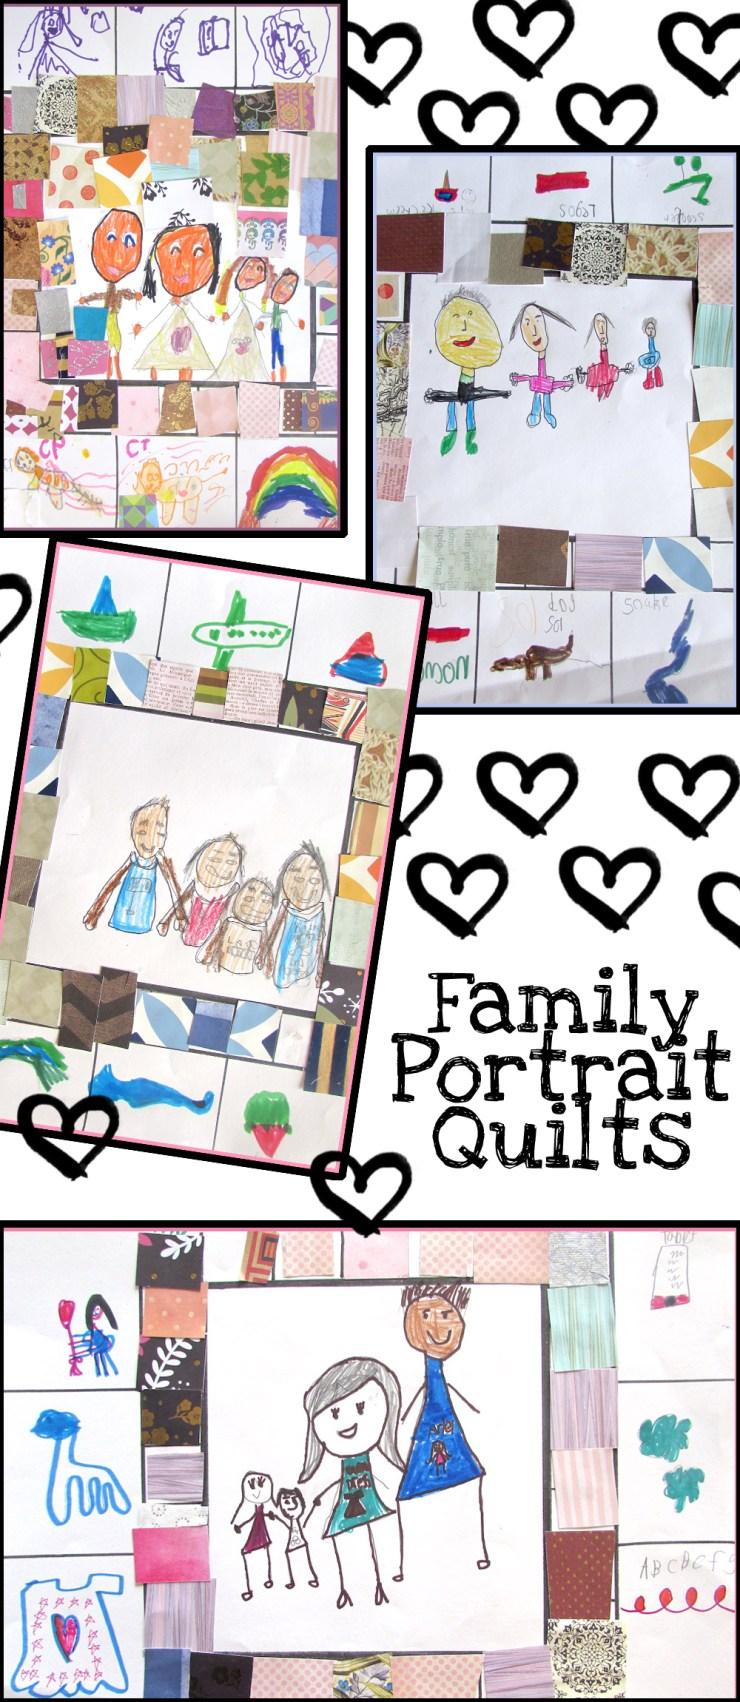 Family Portrait Quilts